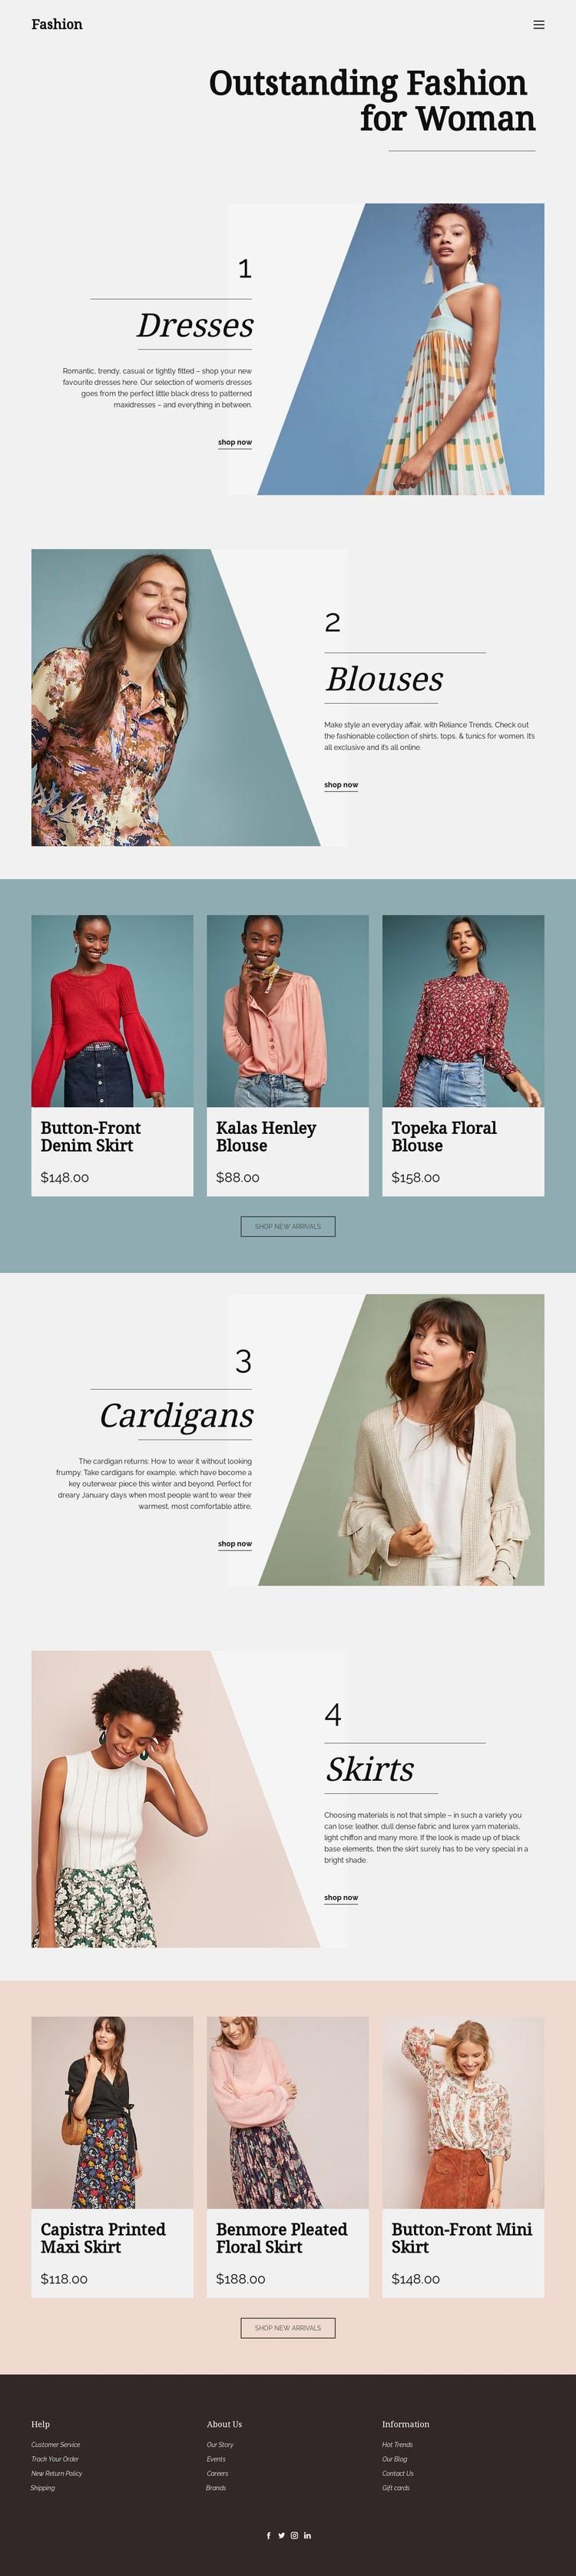 Fashion for Woman Wysiwyg Editor Html